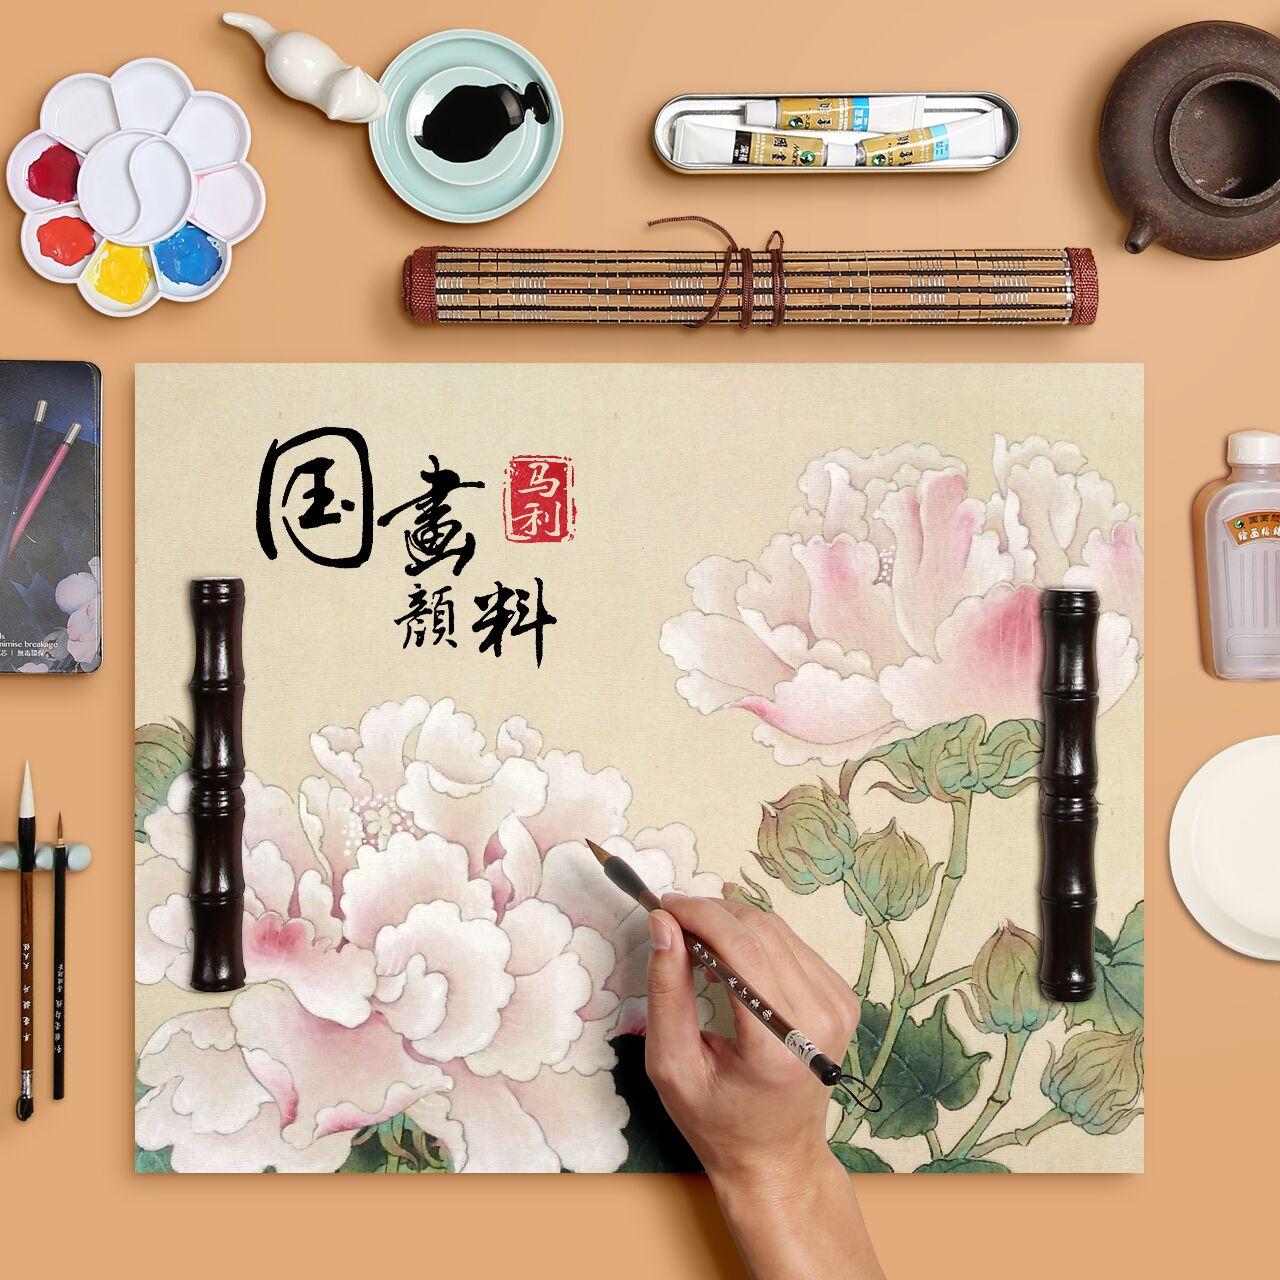 马利牌中国画颜料12色18色24色36色成人初学者水墨画材料工具套装专业工笔画小学生入门毛笔单支矿物画材全套